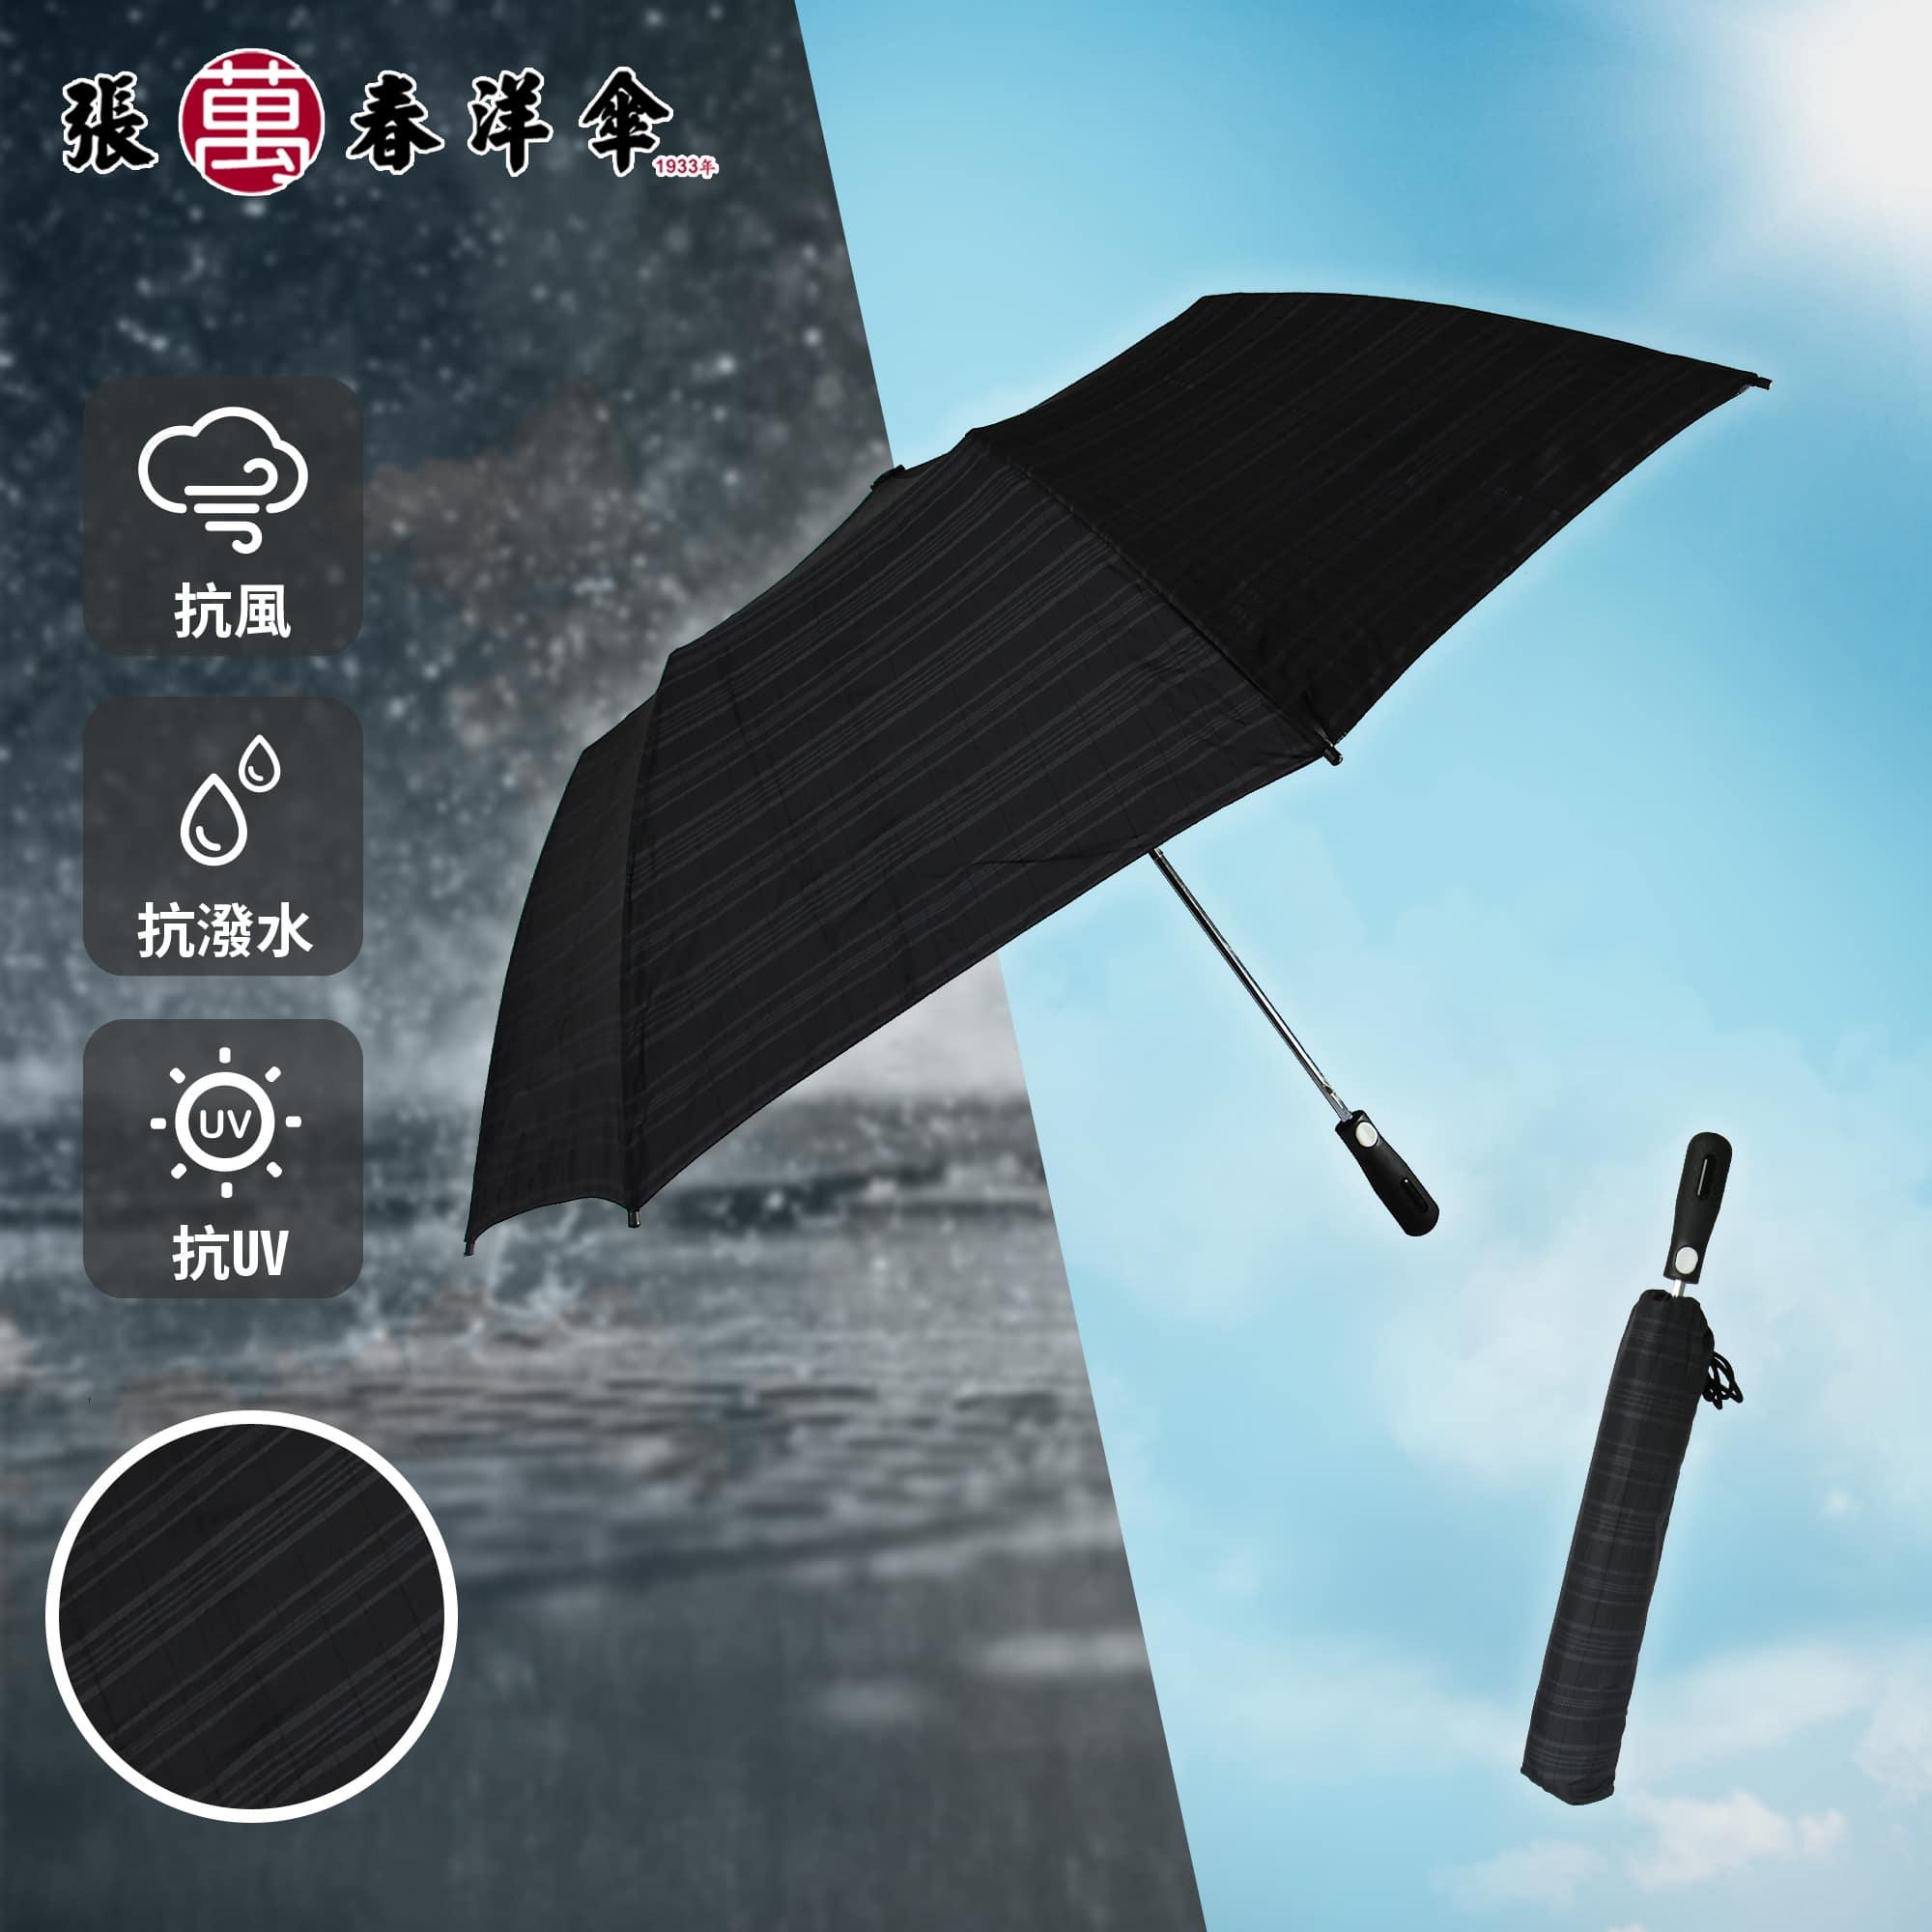 28吋超大面傘